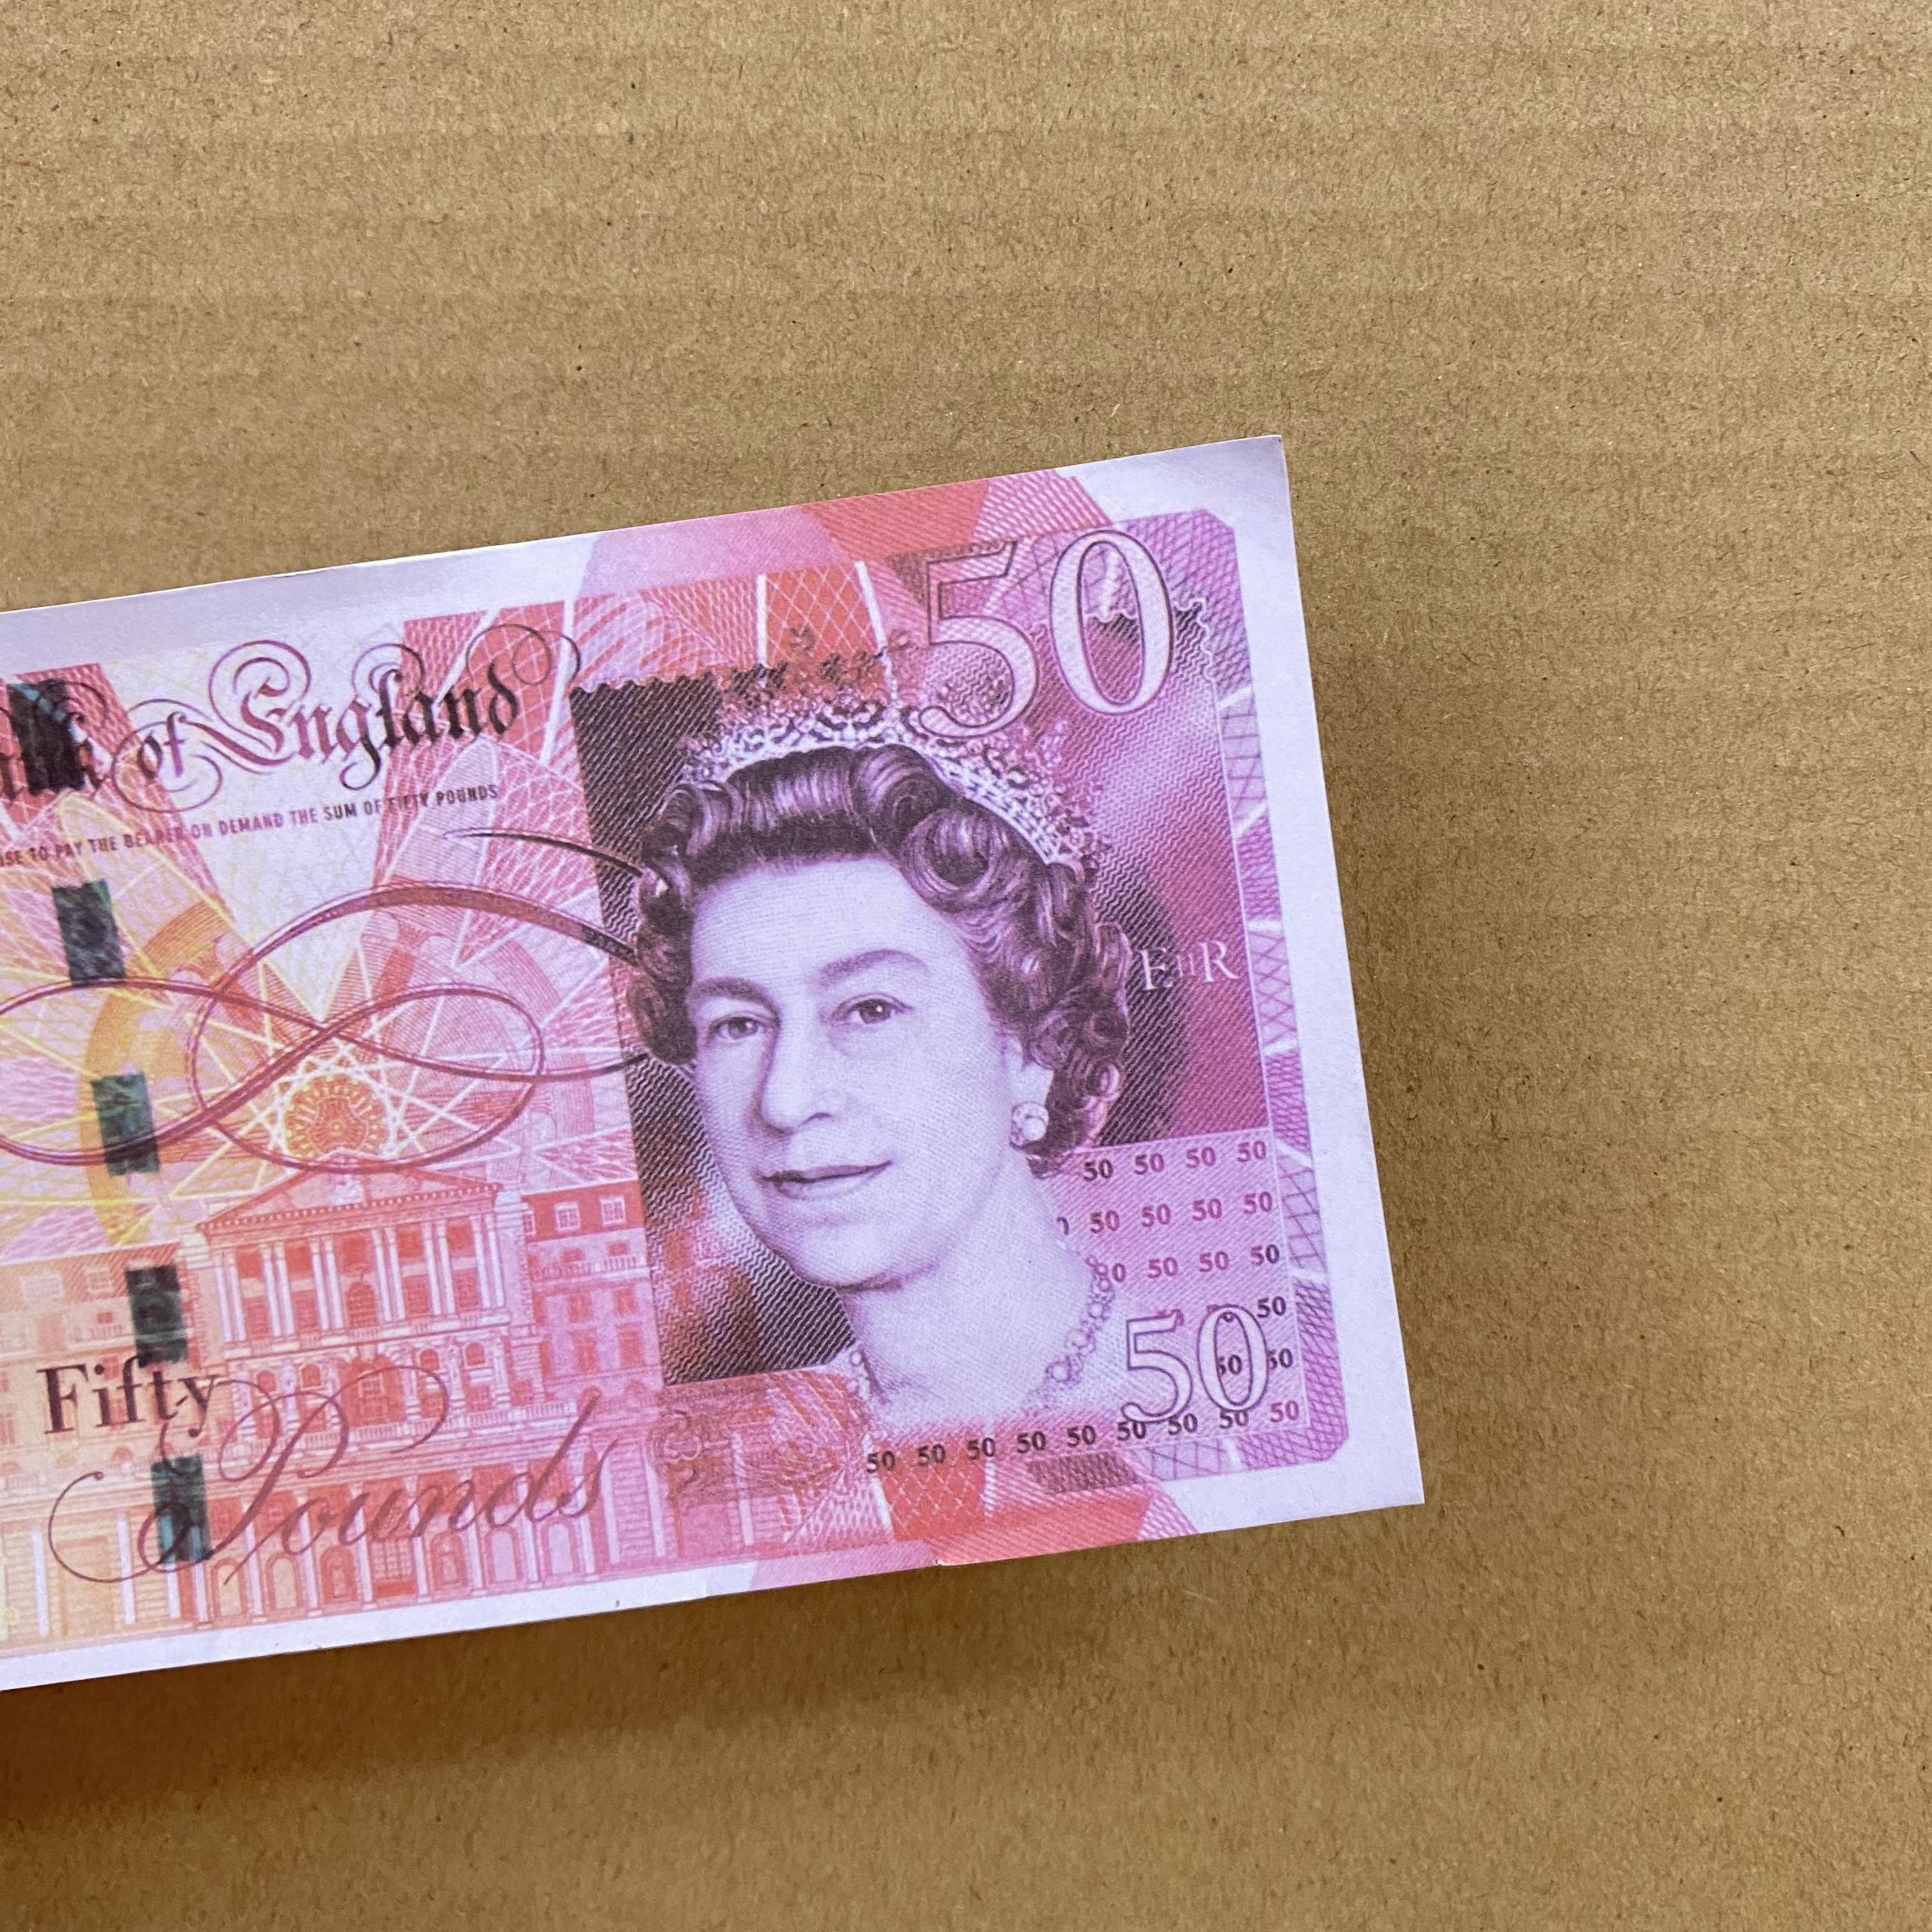 Simulación de venta caliente 50 libras Fake Money Film and Television Shooting Shooting Practice Banknote Bar juego Token